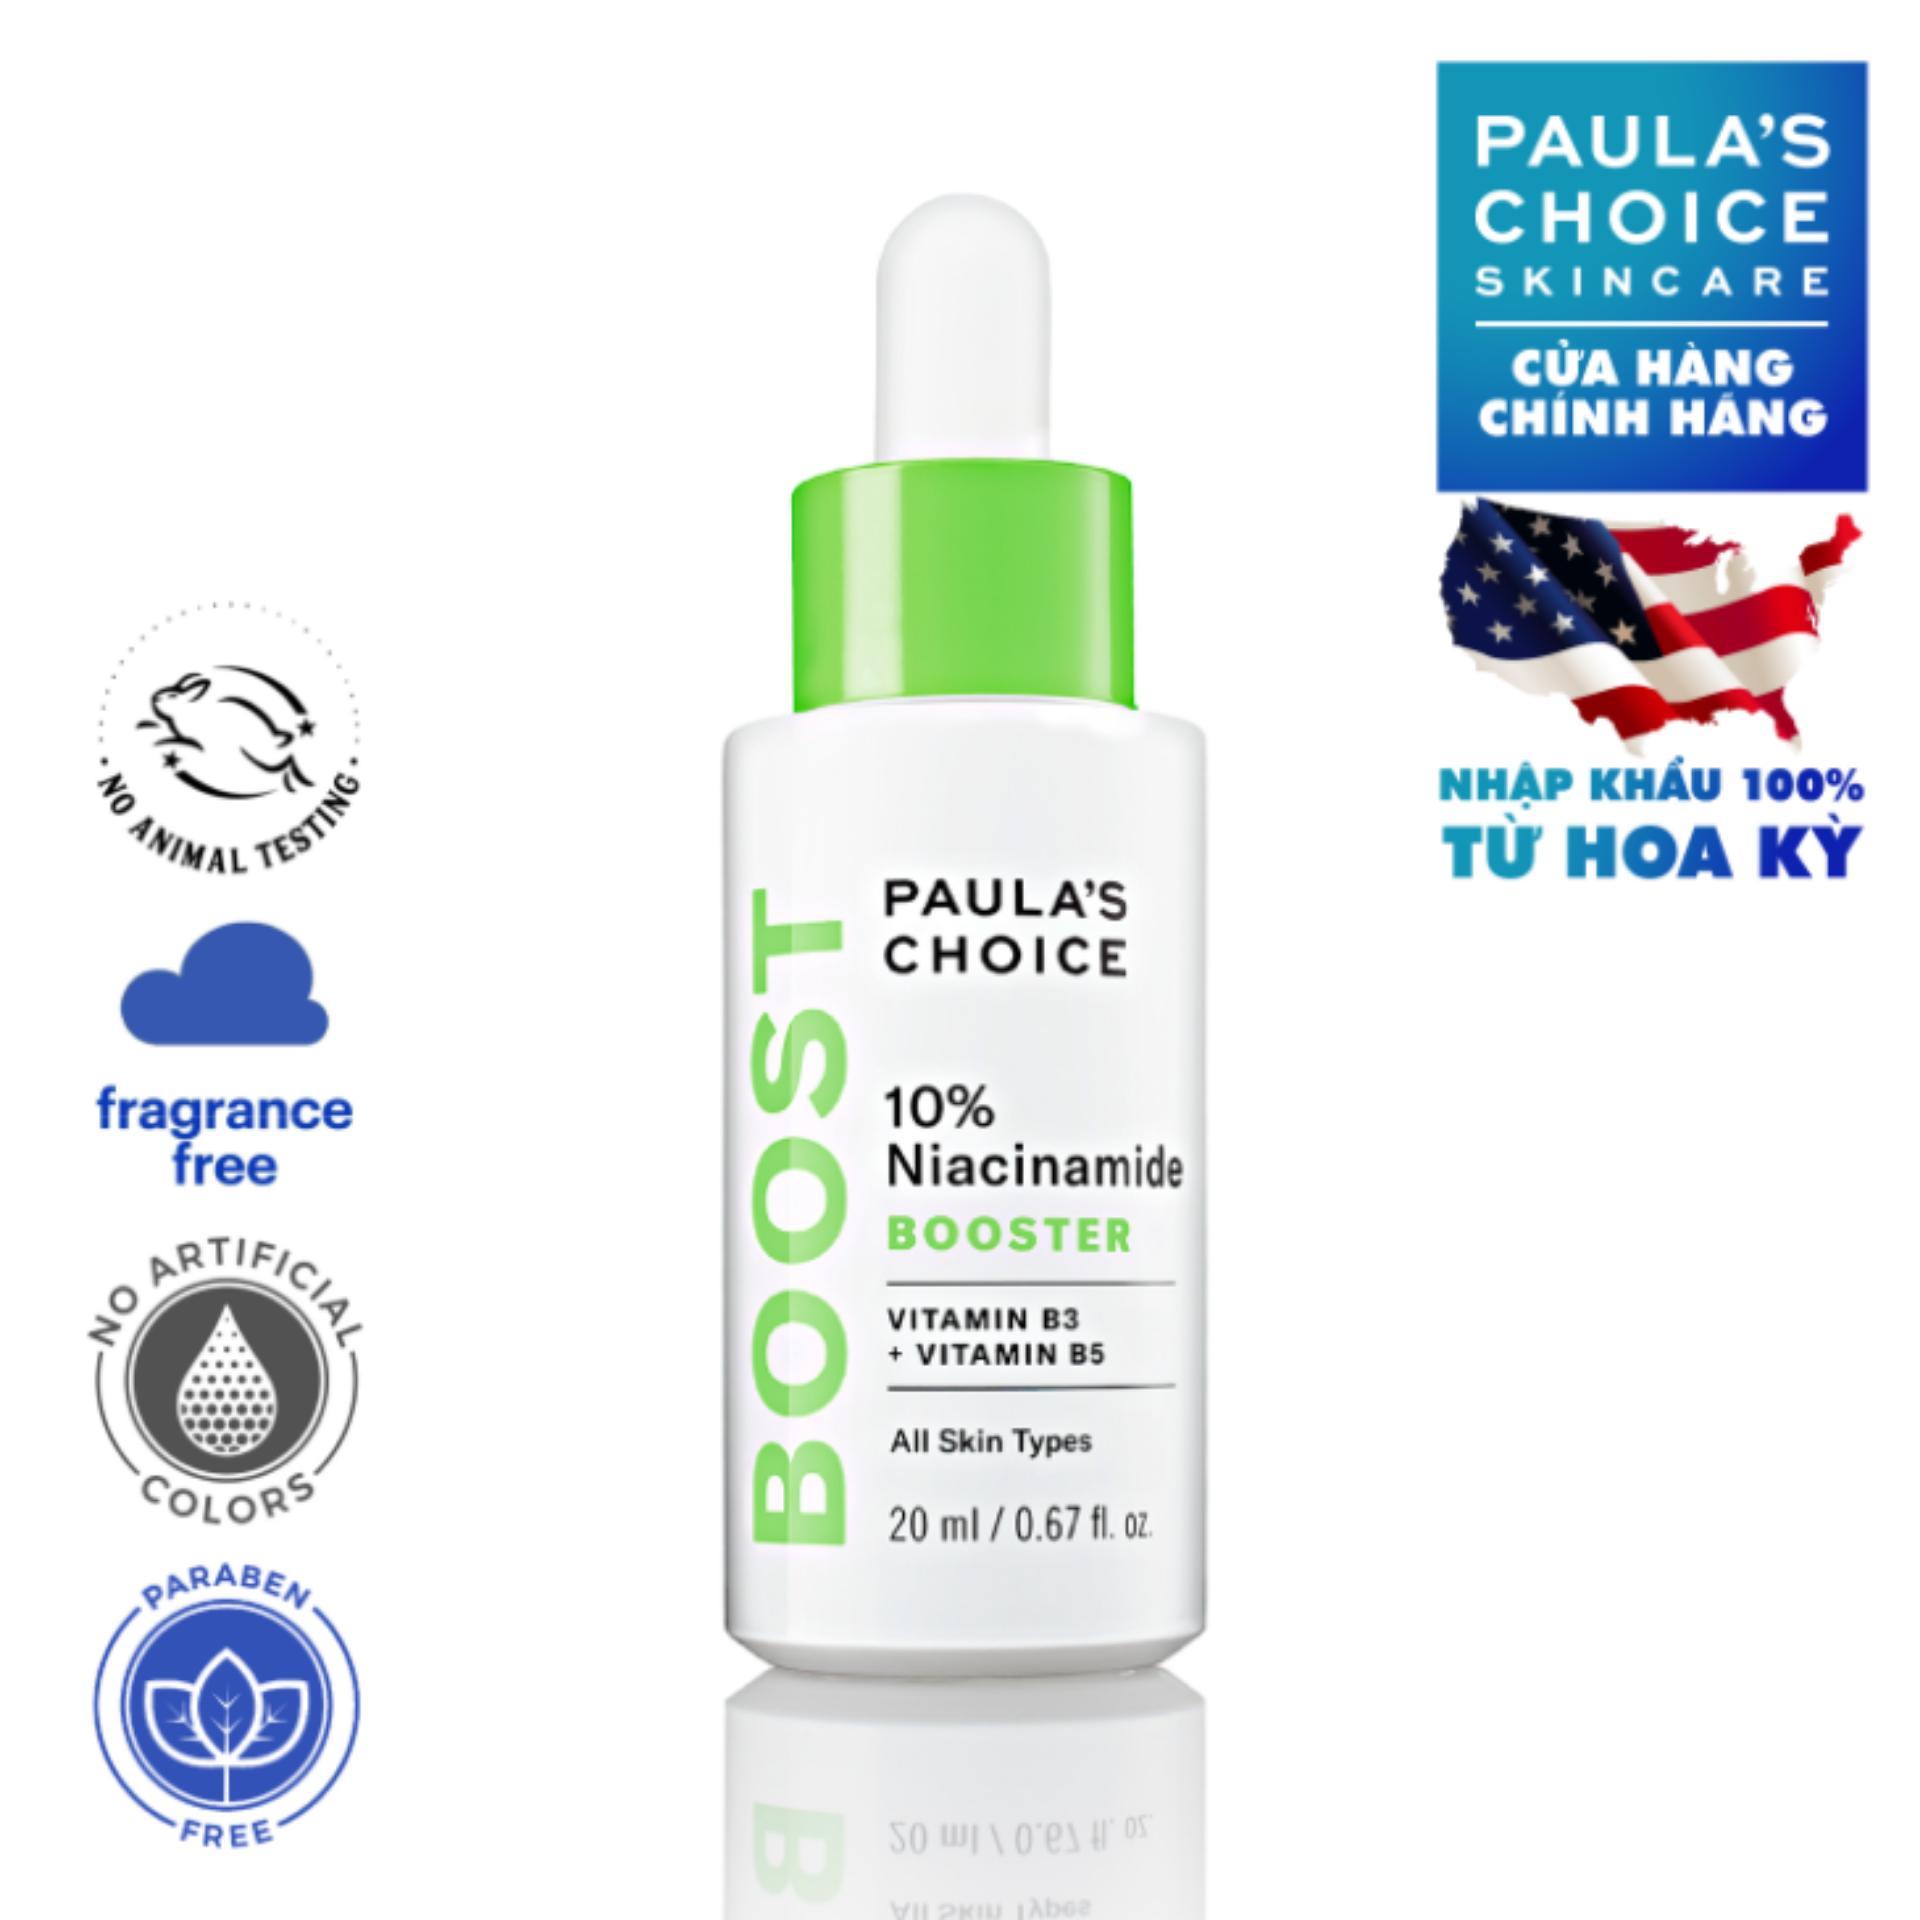 Tinh chất đặc trị se khít lỗ chân lông và làm sáng da chứa Paula's Choice 10% Niacinamide Booster nhập khẩu